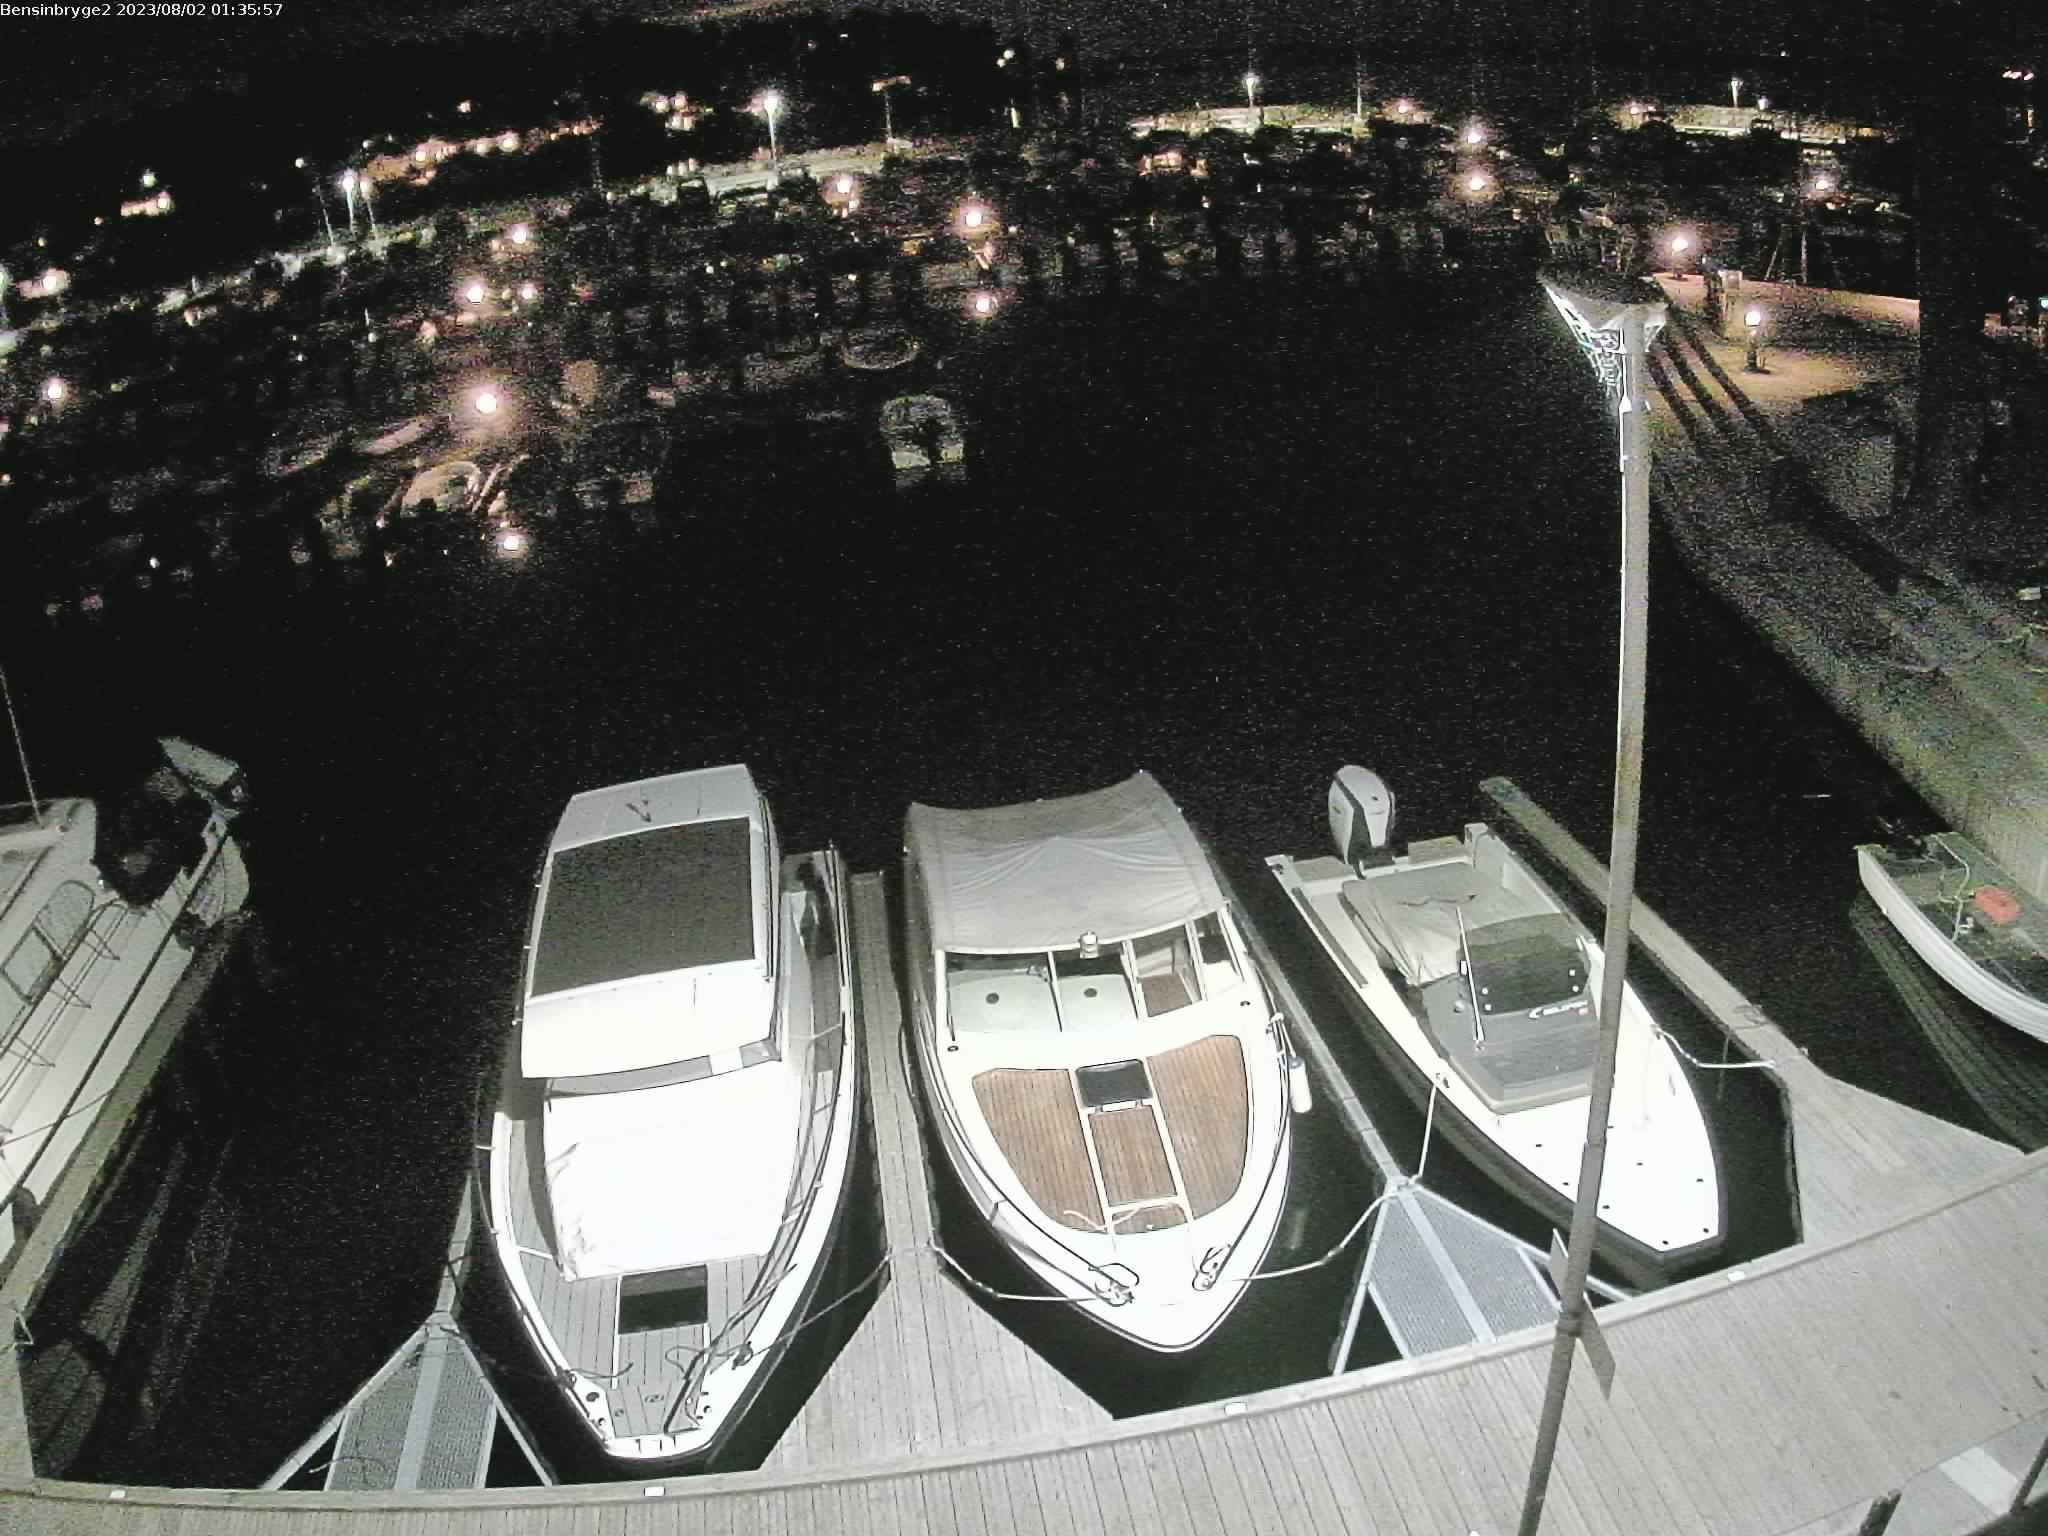 Rygge - Fuglevik jachthaven; tankstation